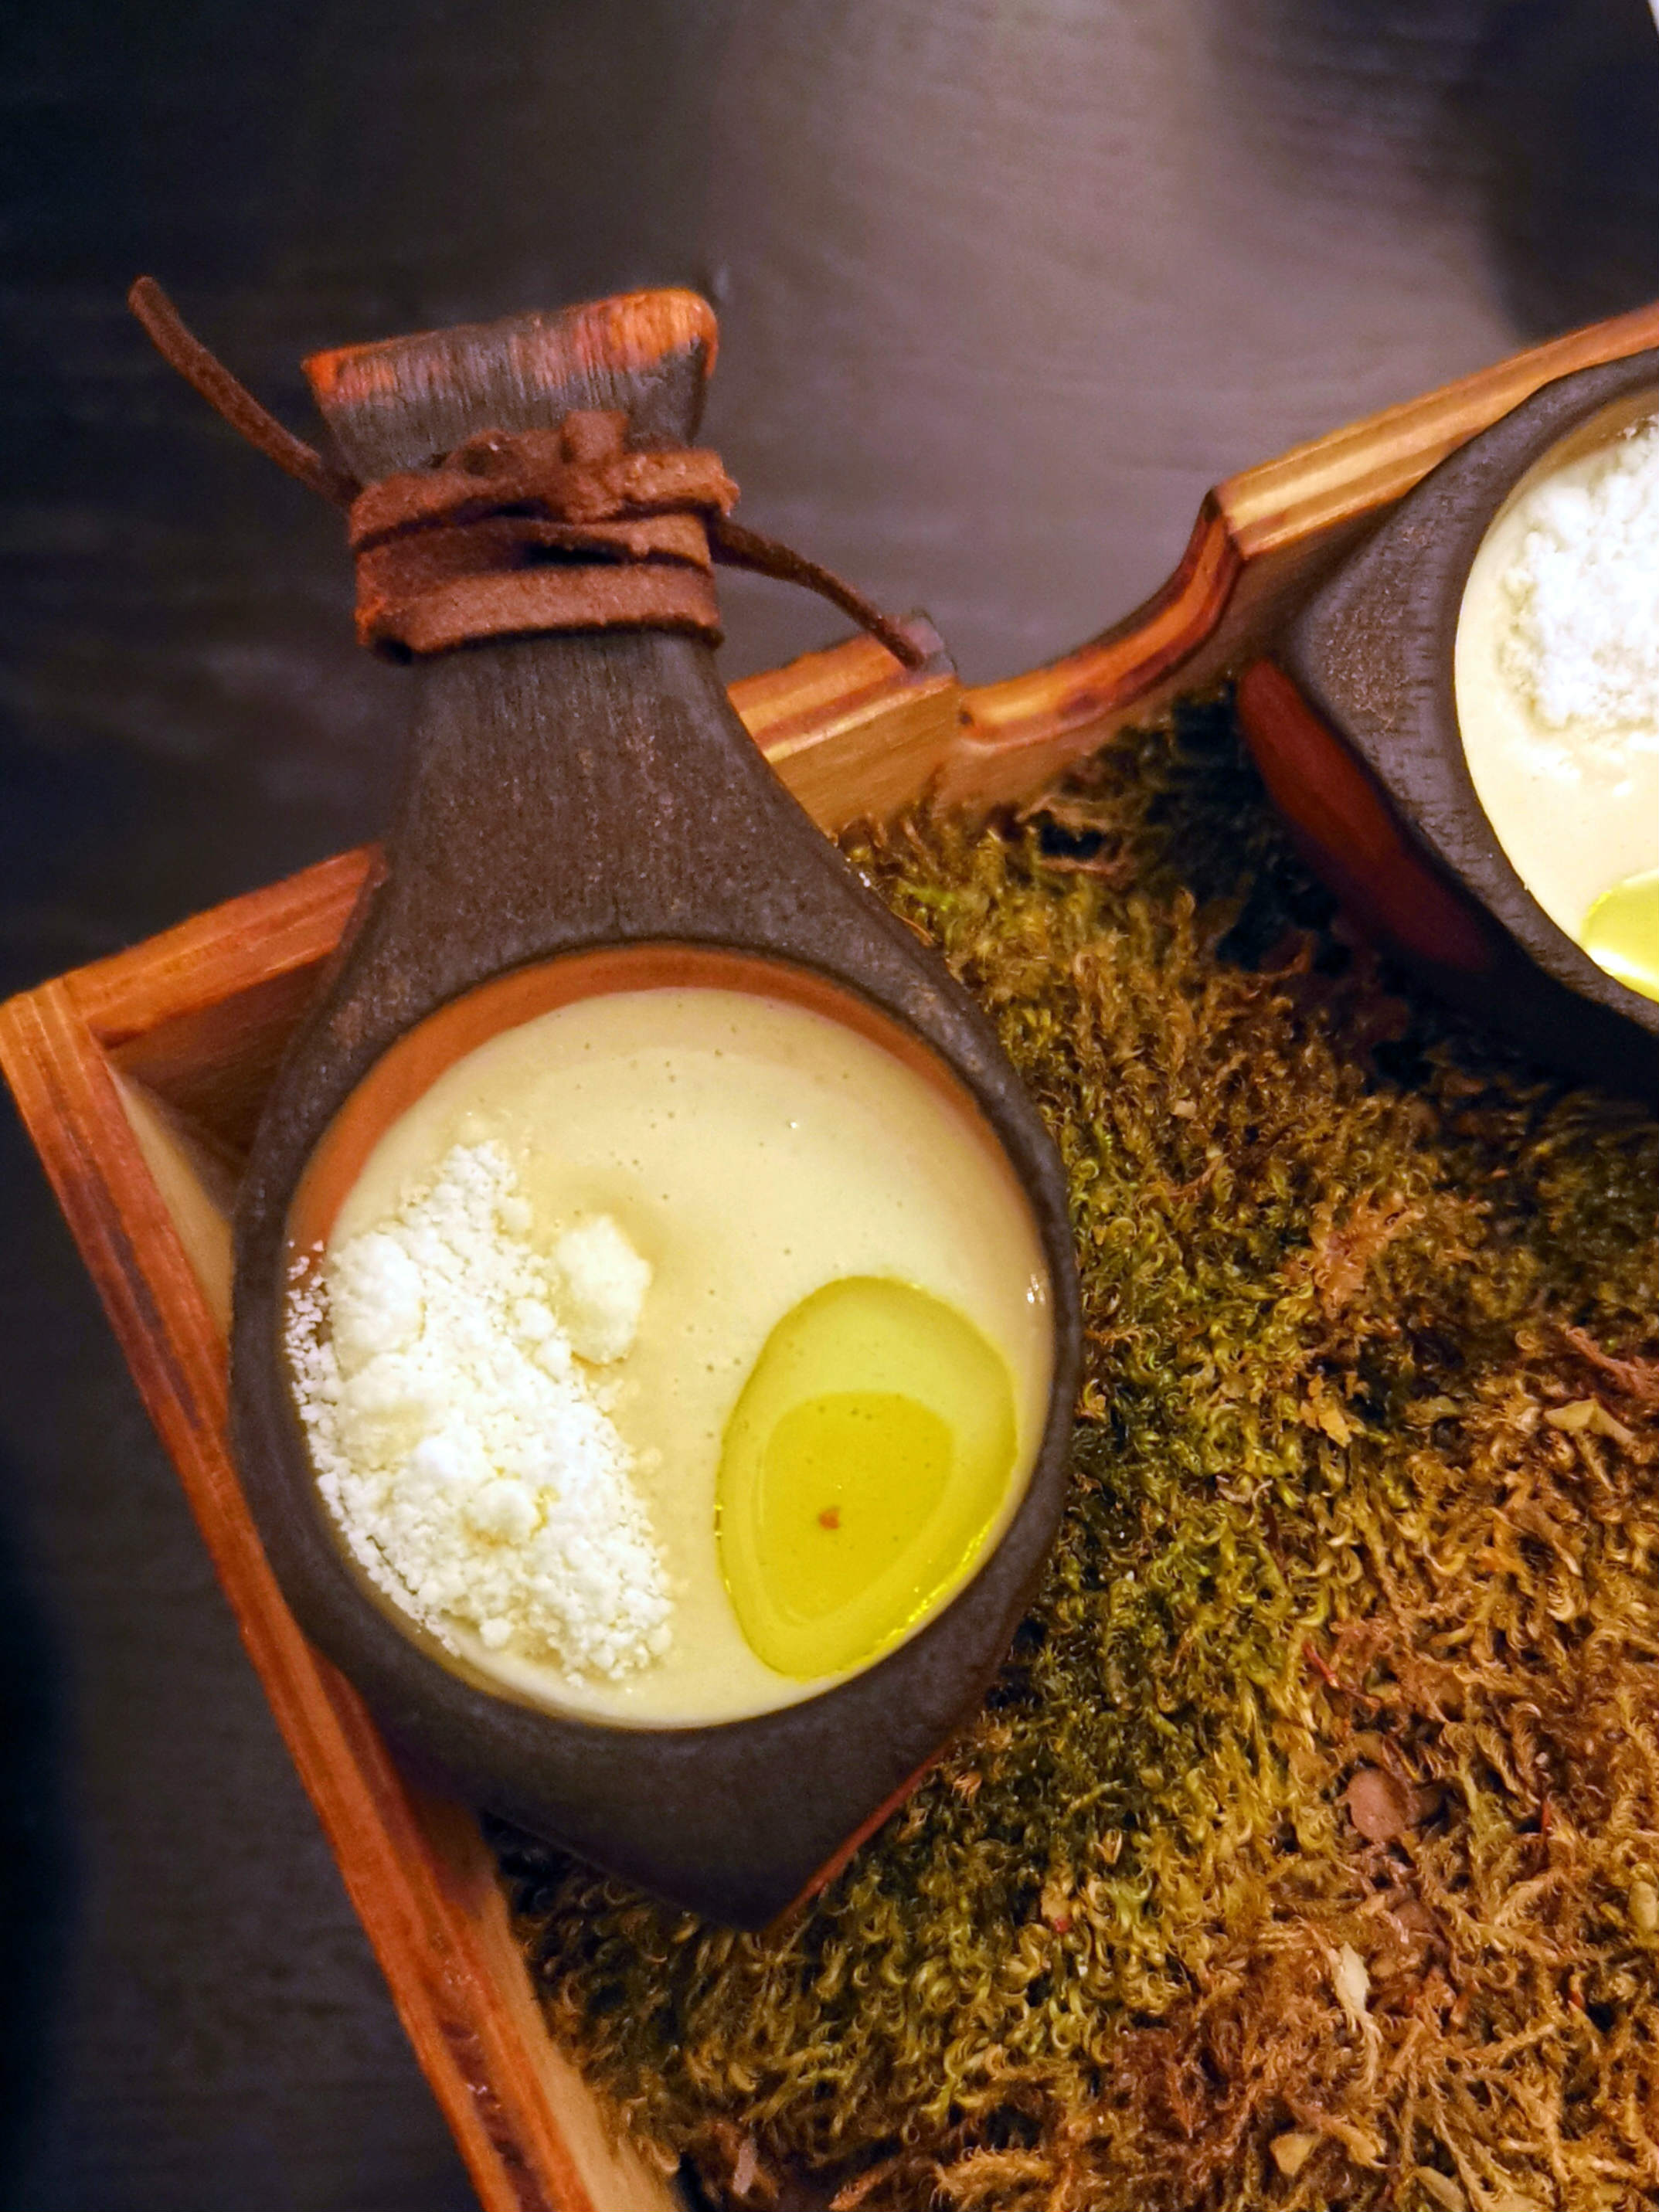 Karfiolkrémleves, szarvasgombaolajjal és vásterbotten sajttal